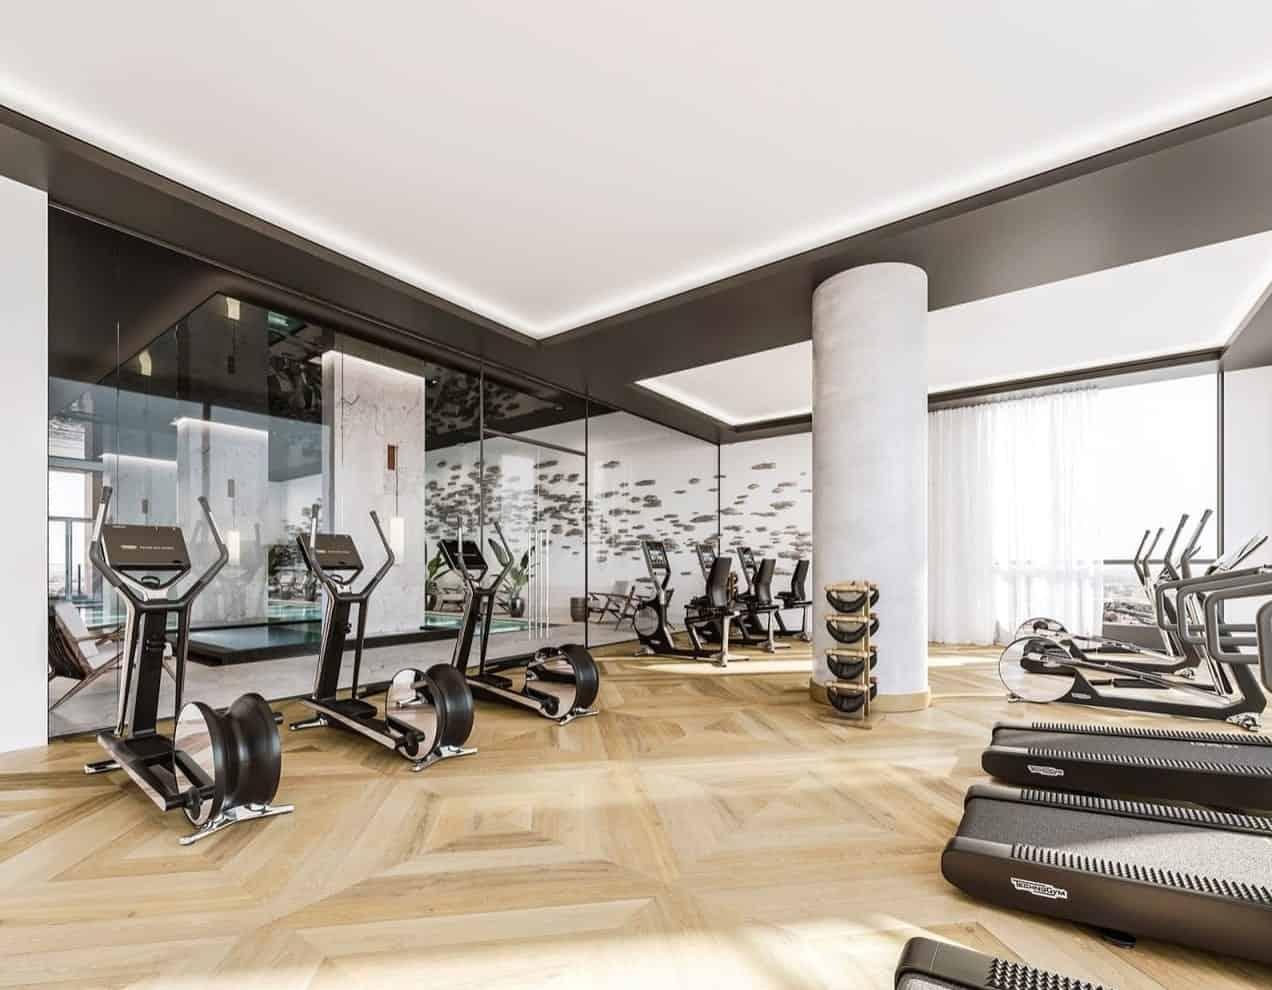 Solstice Montreal Condos Gym Fitness True Condos